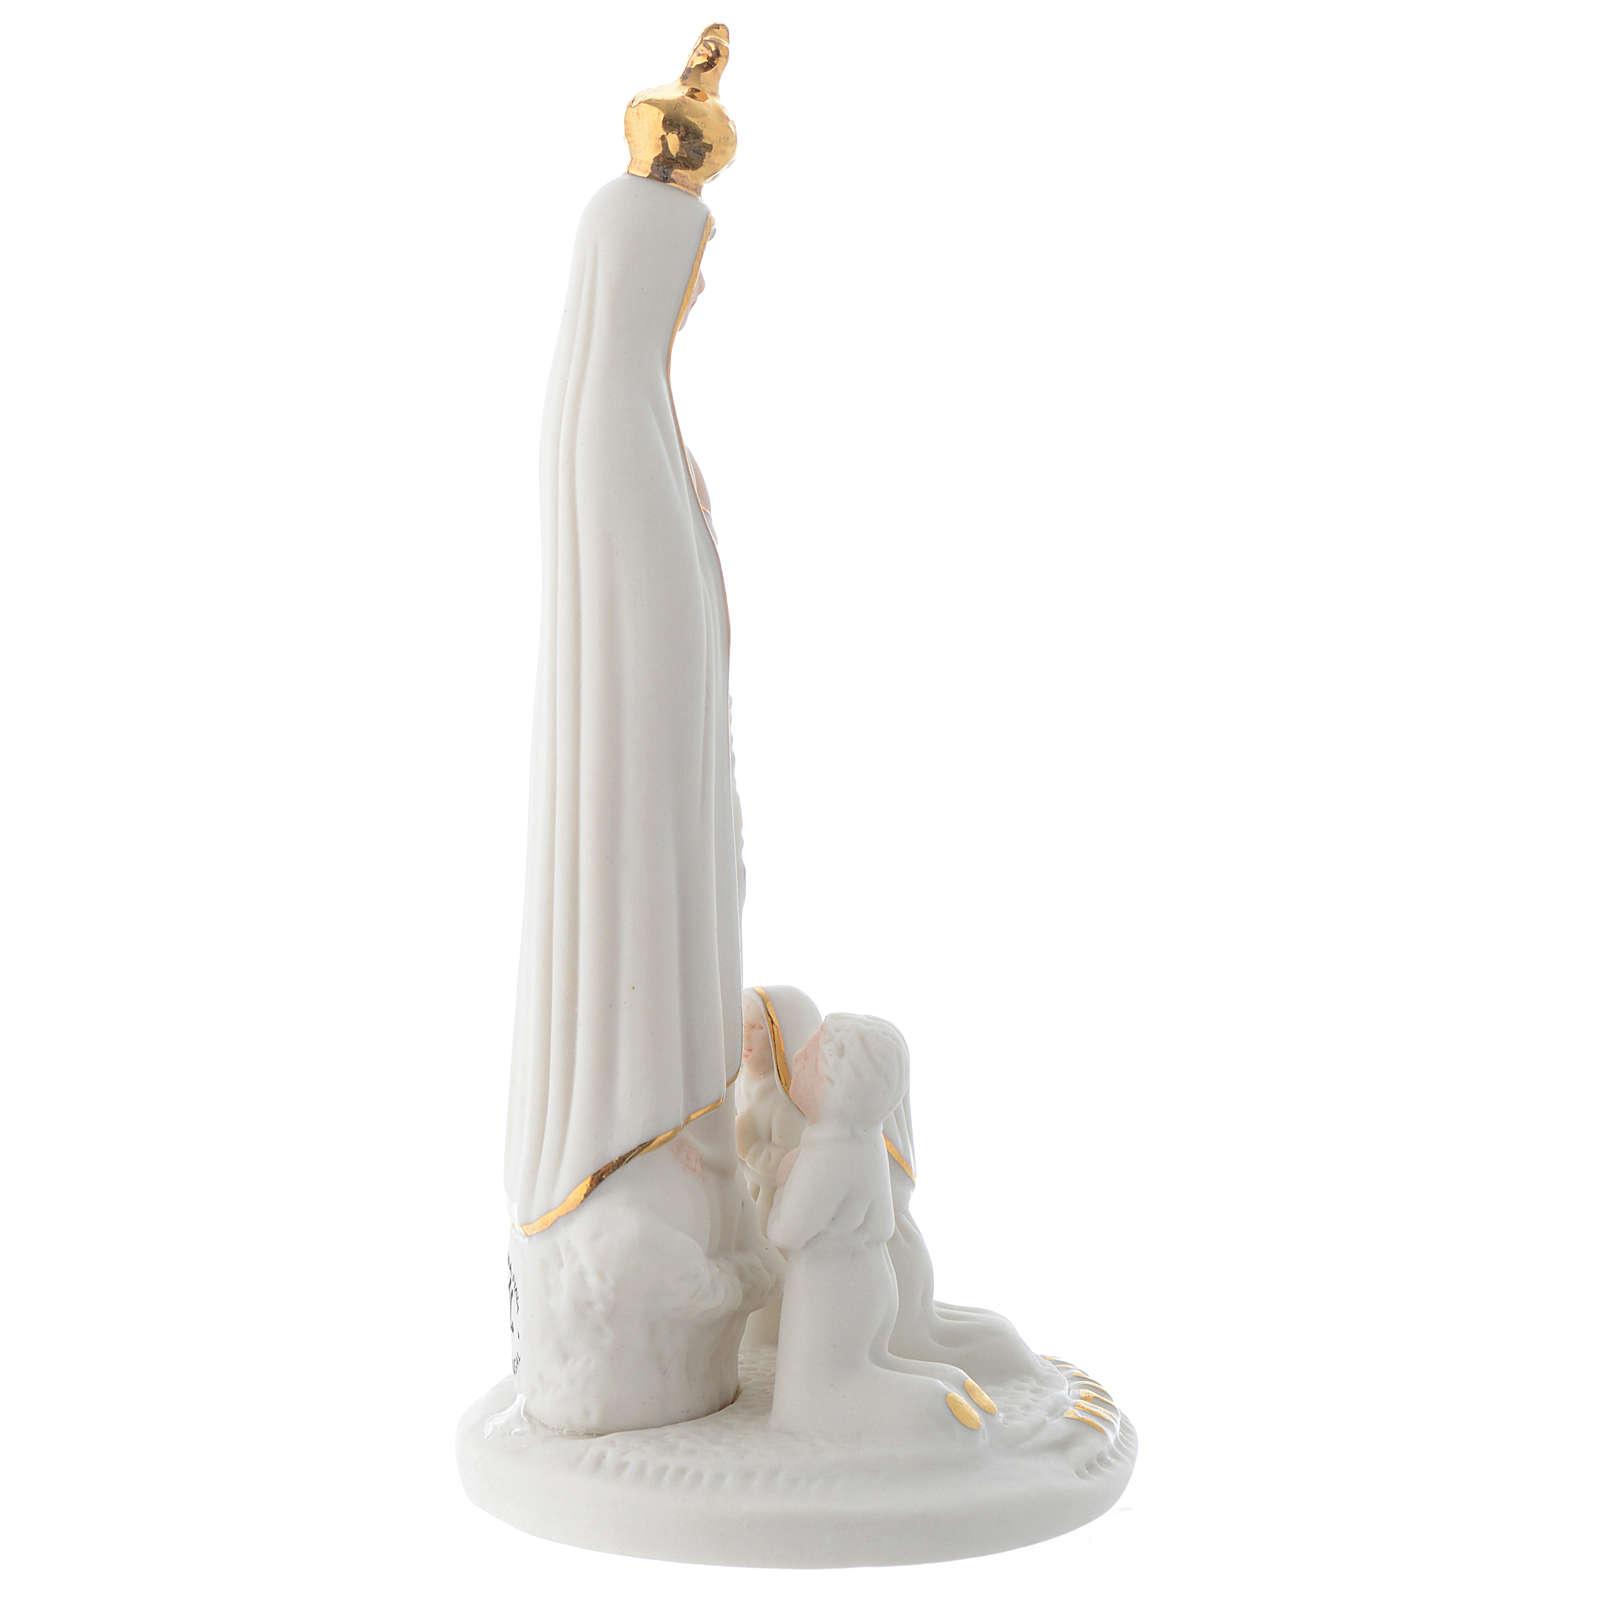 Imagem Fátima porcelana com pastorinhos 13 cm 4